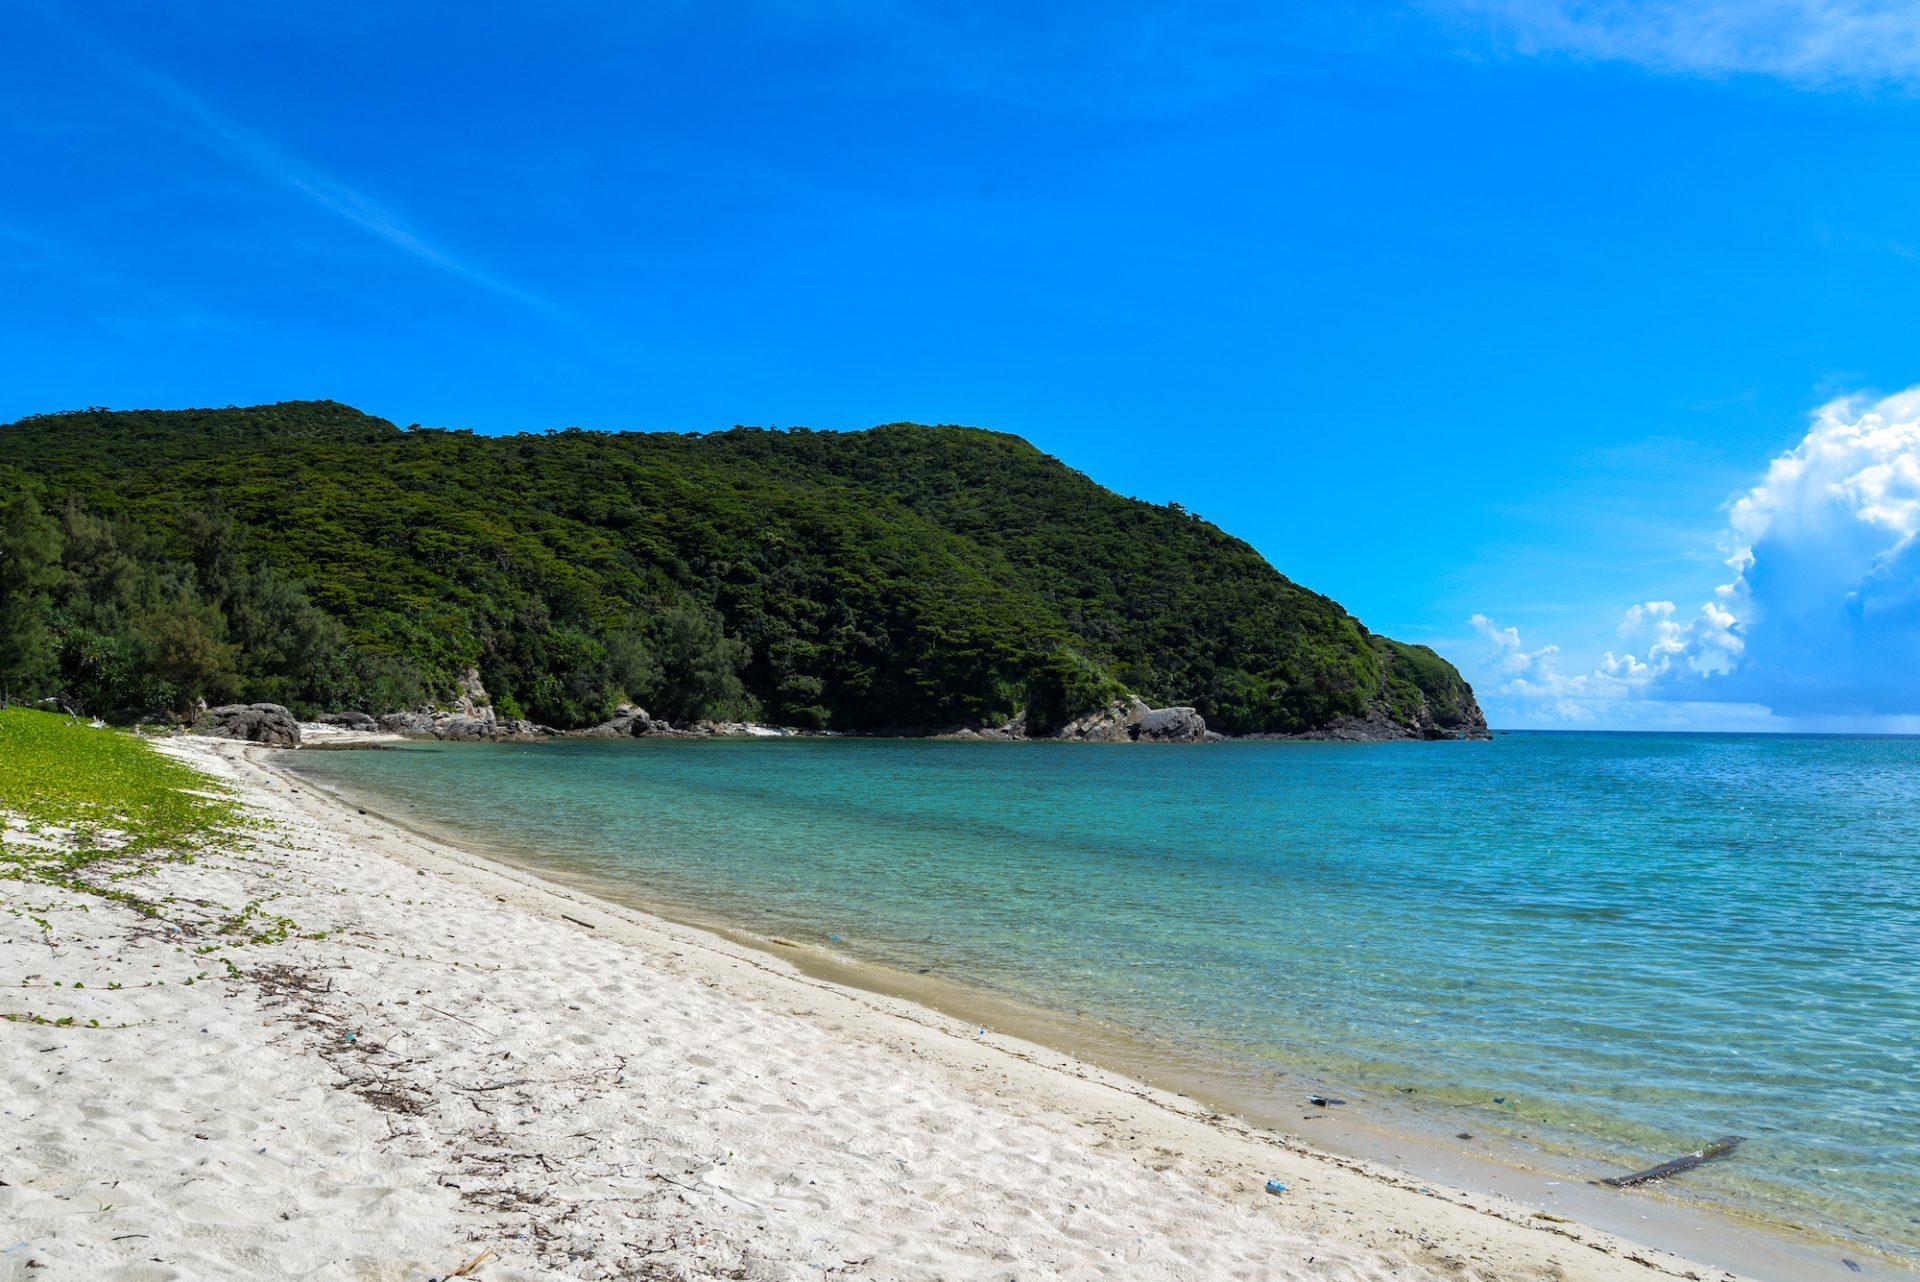 朝日を望む隠れスポット!?自然豊かな「イノーの浜」